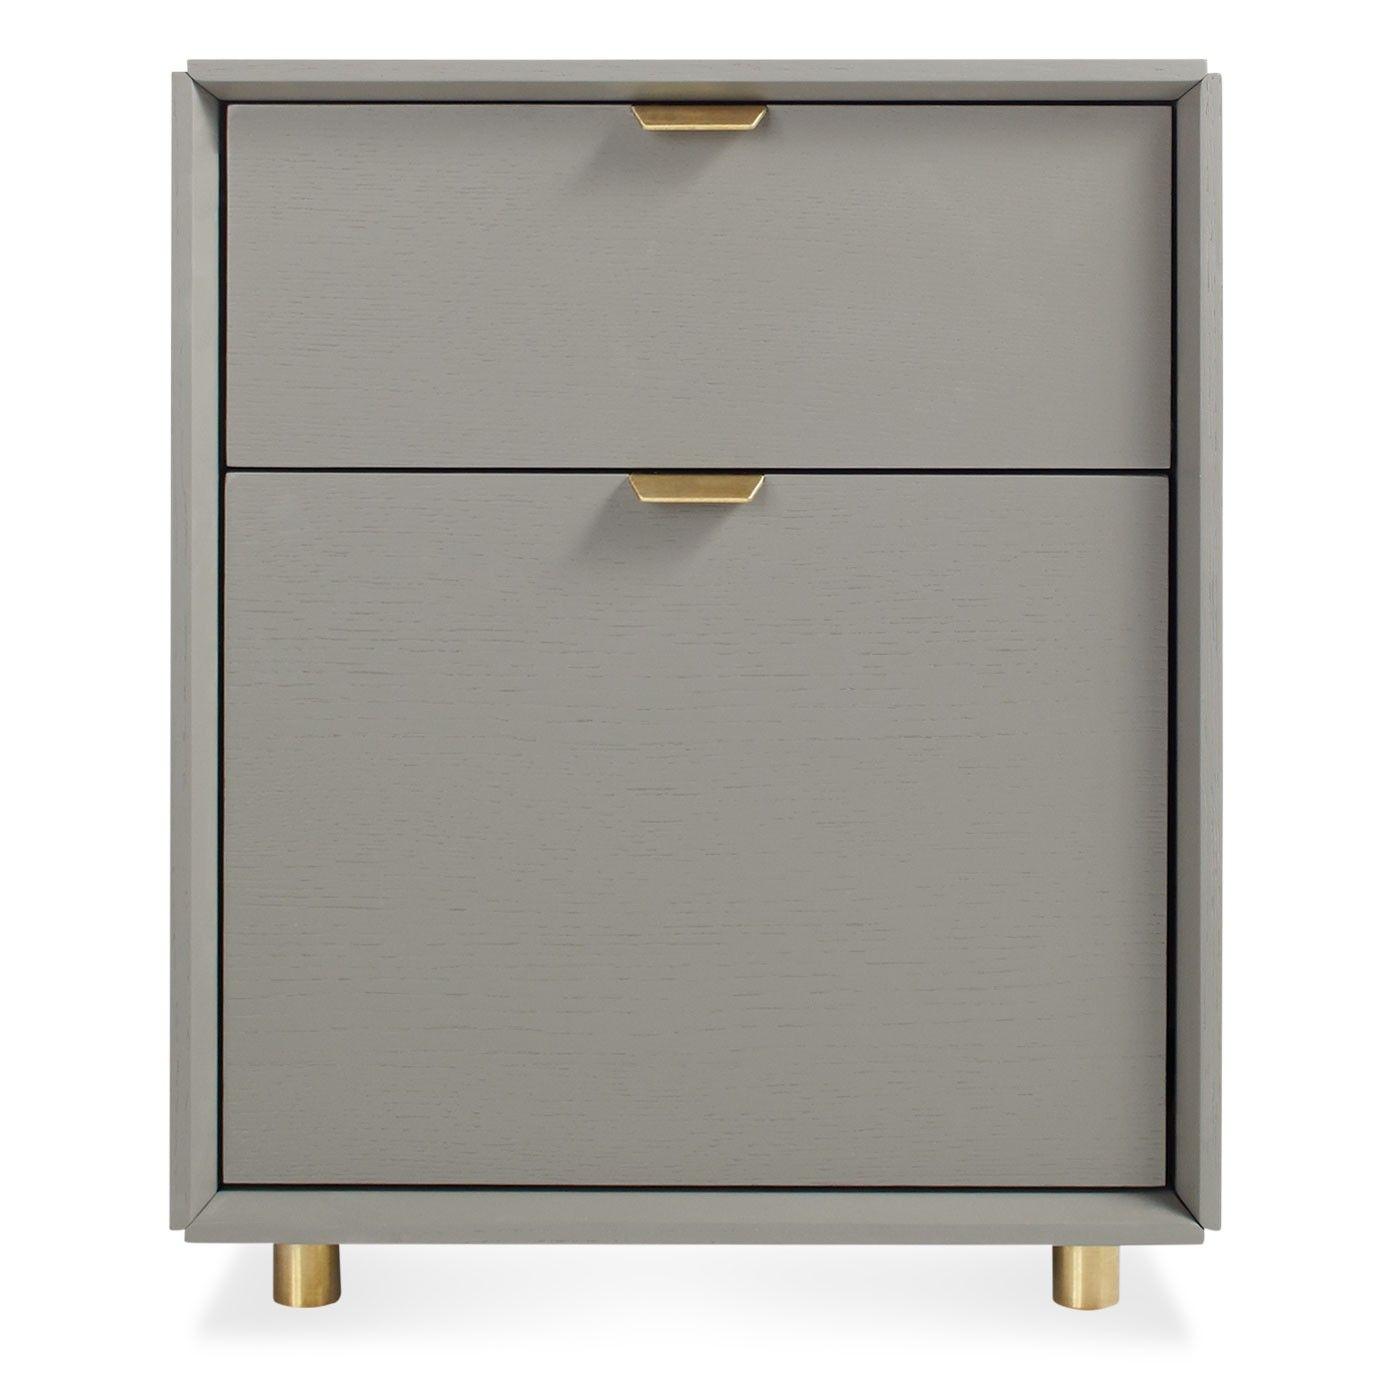 Dang File Pedestal Filing Cabinet Modern Office Storage Modern File Cabinet